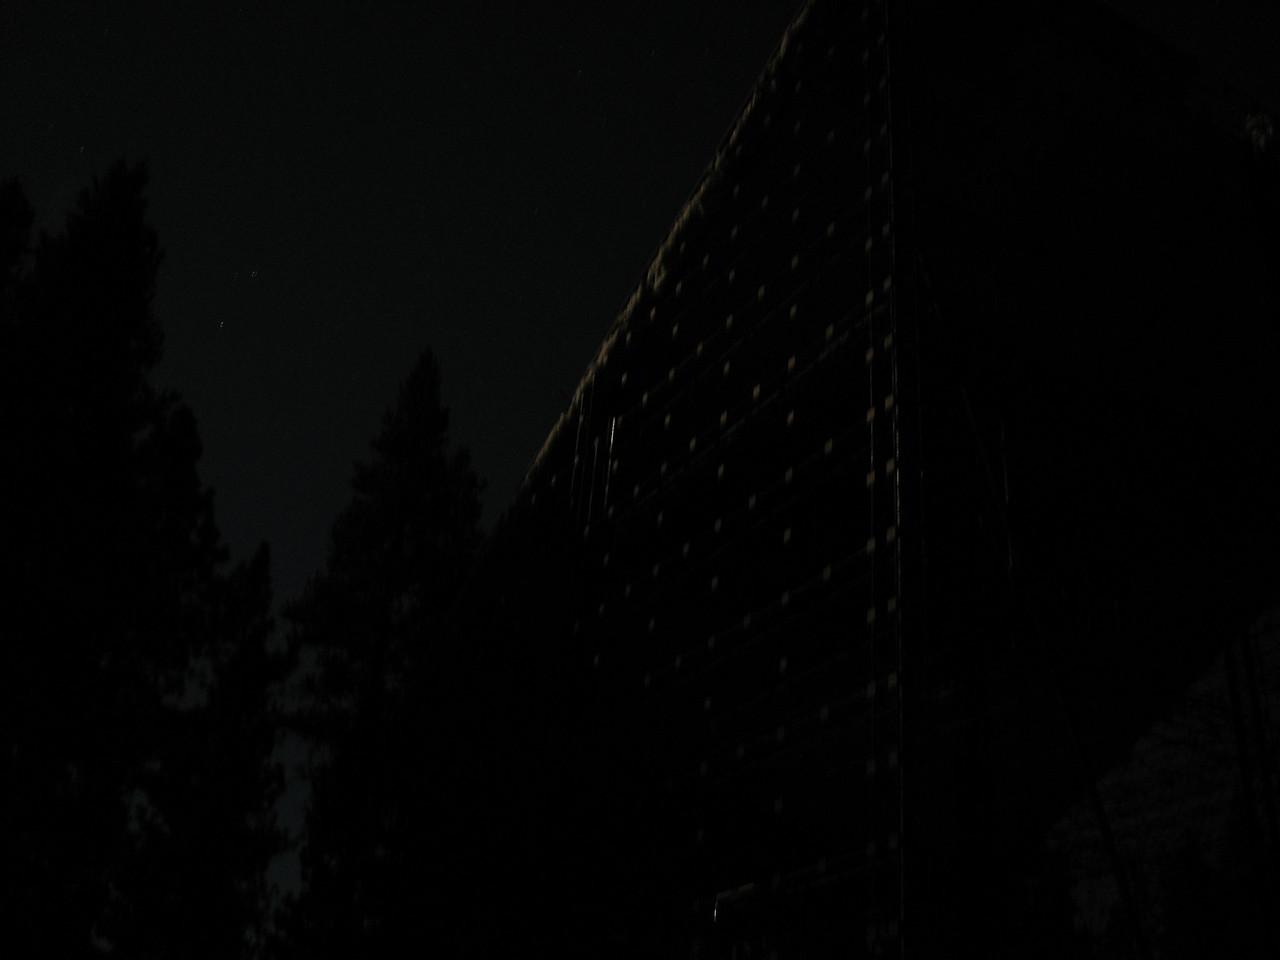 Lances_Roof-111